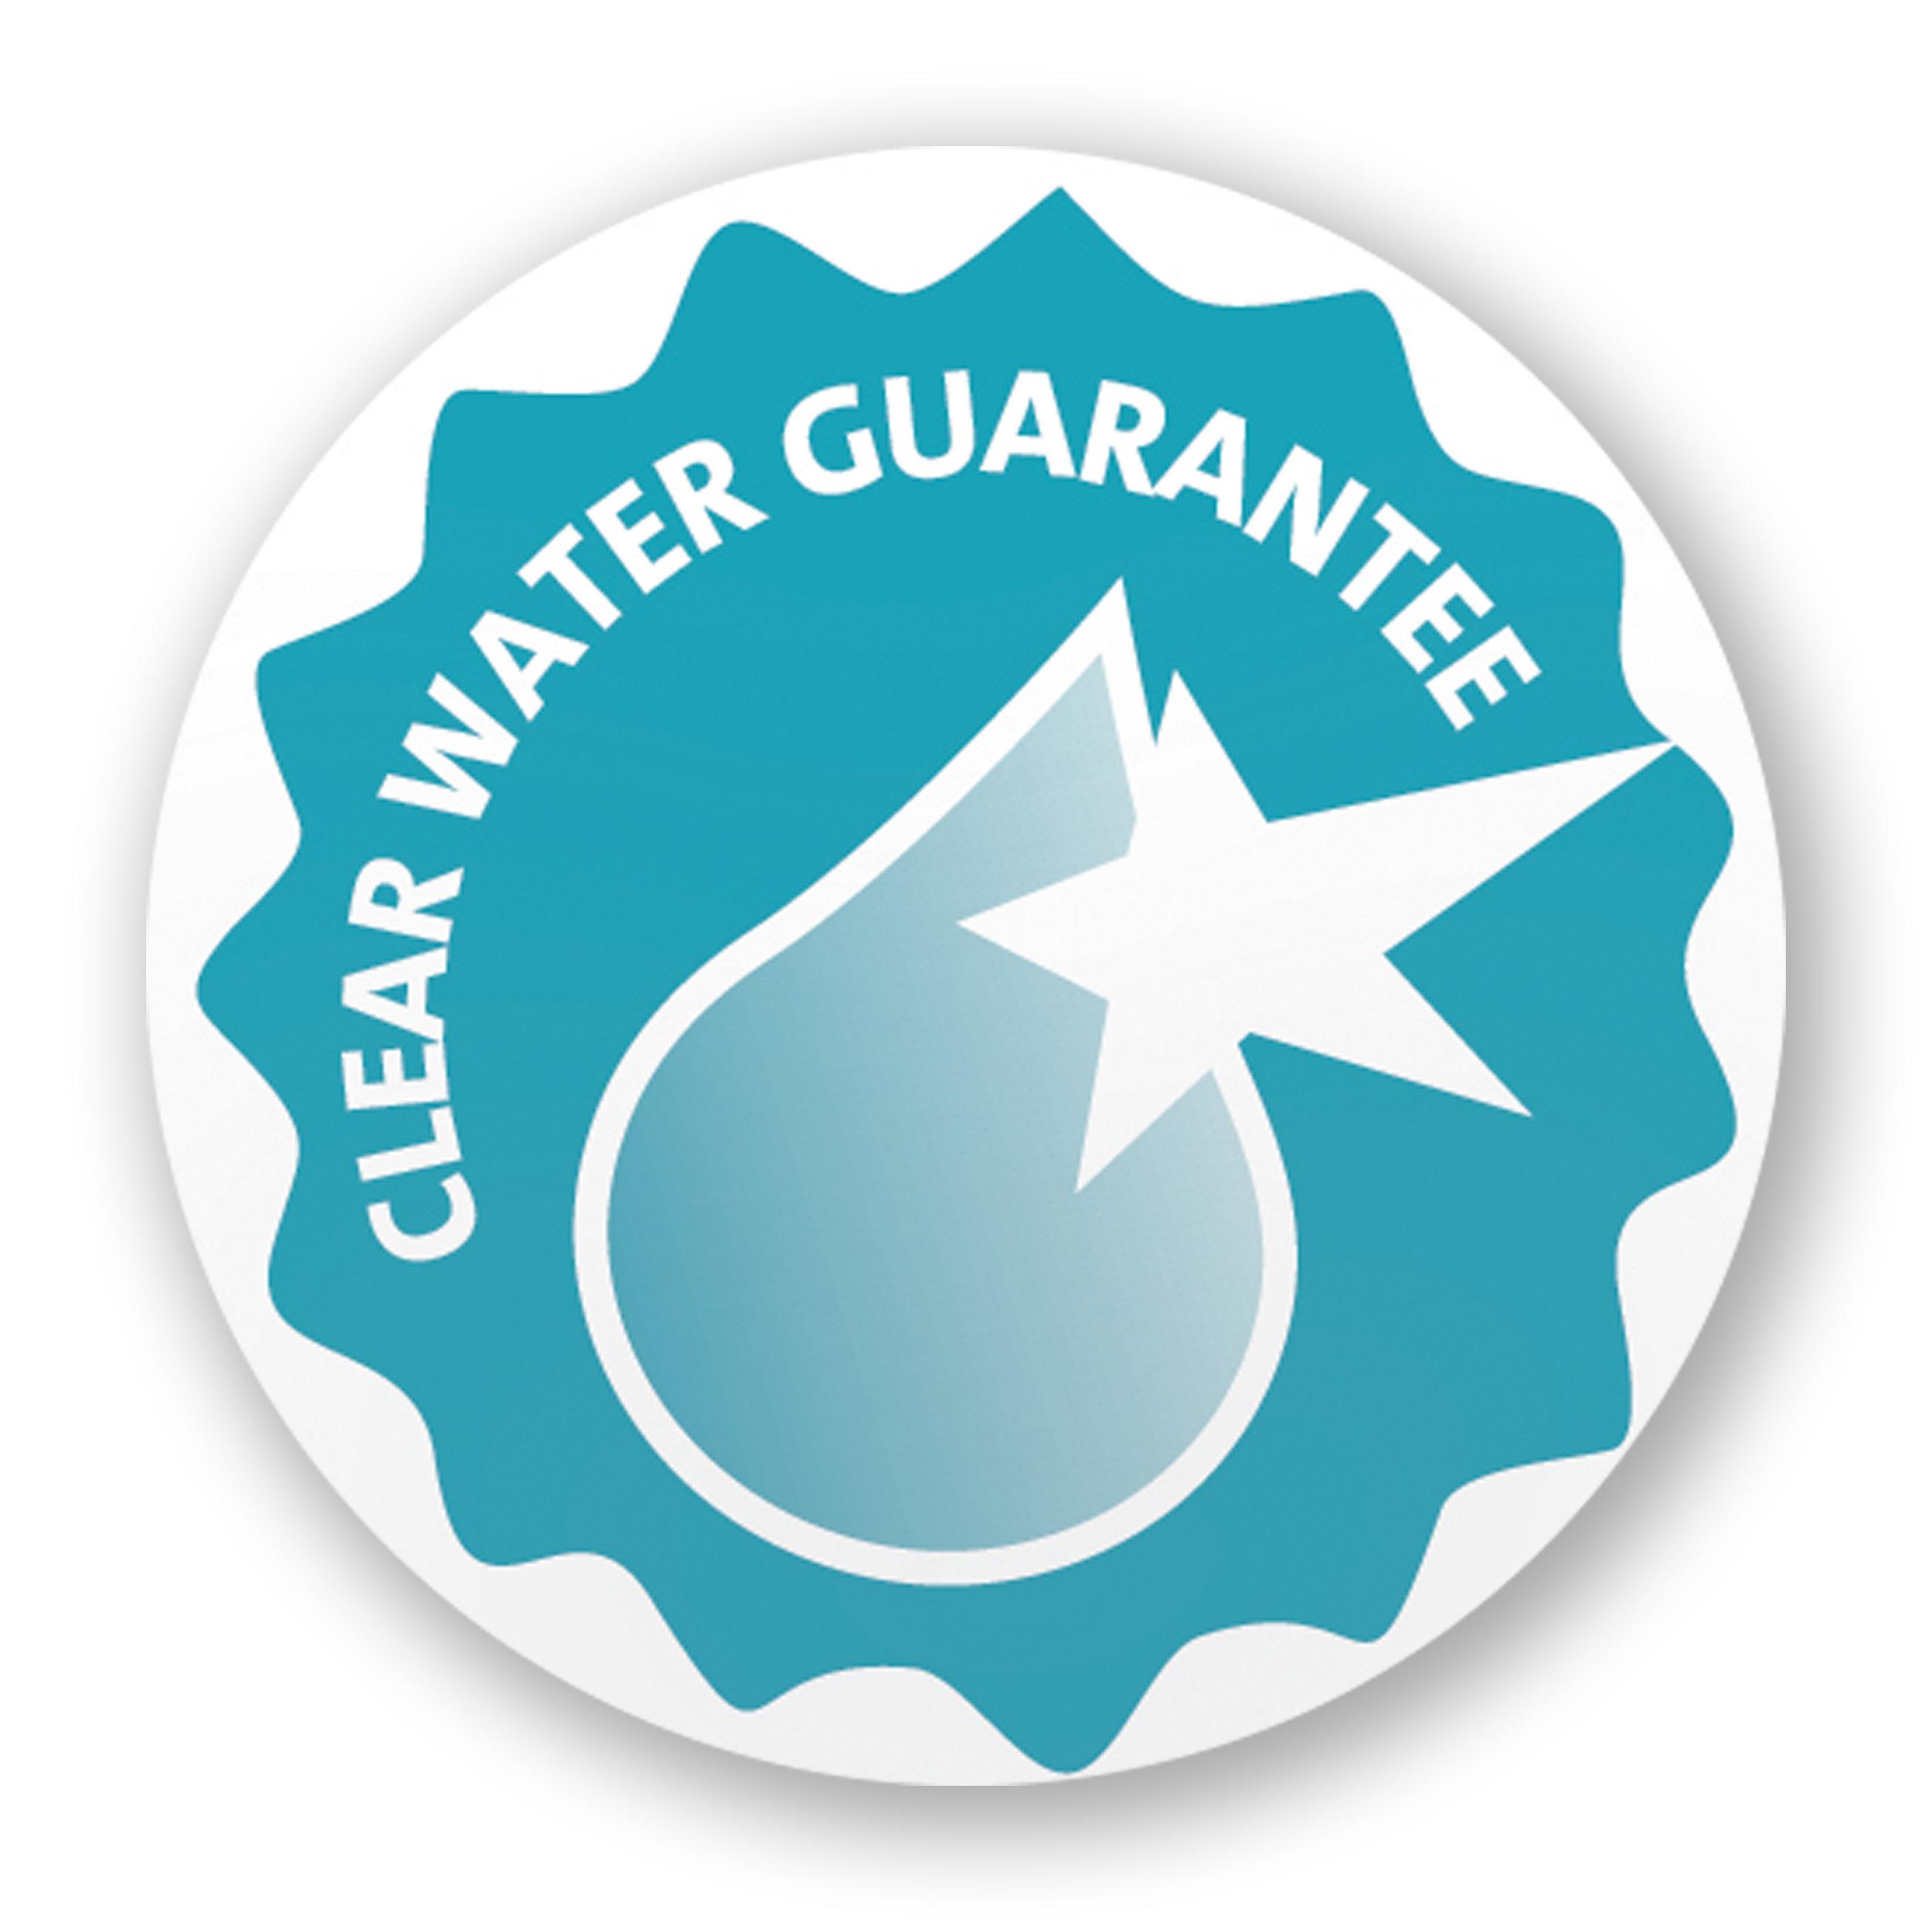 Clear Water Guarantee